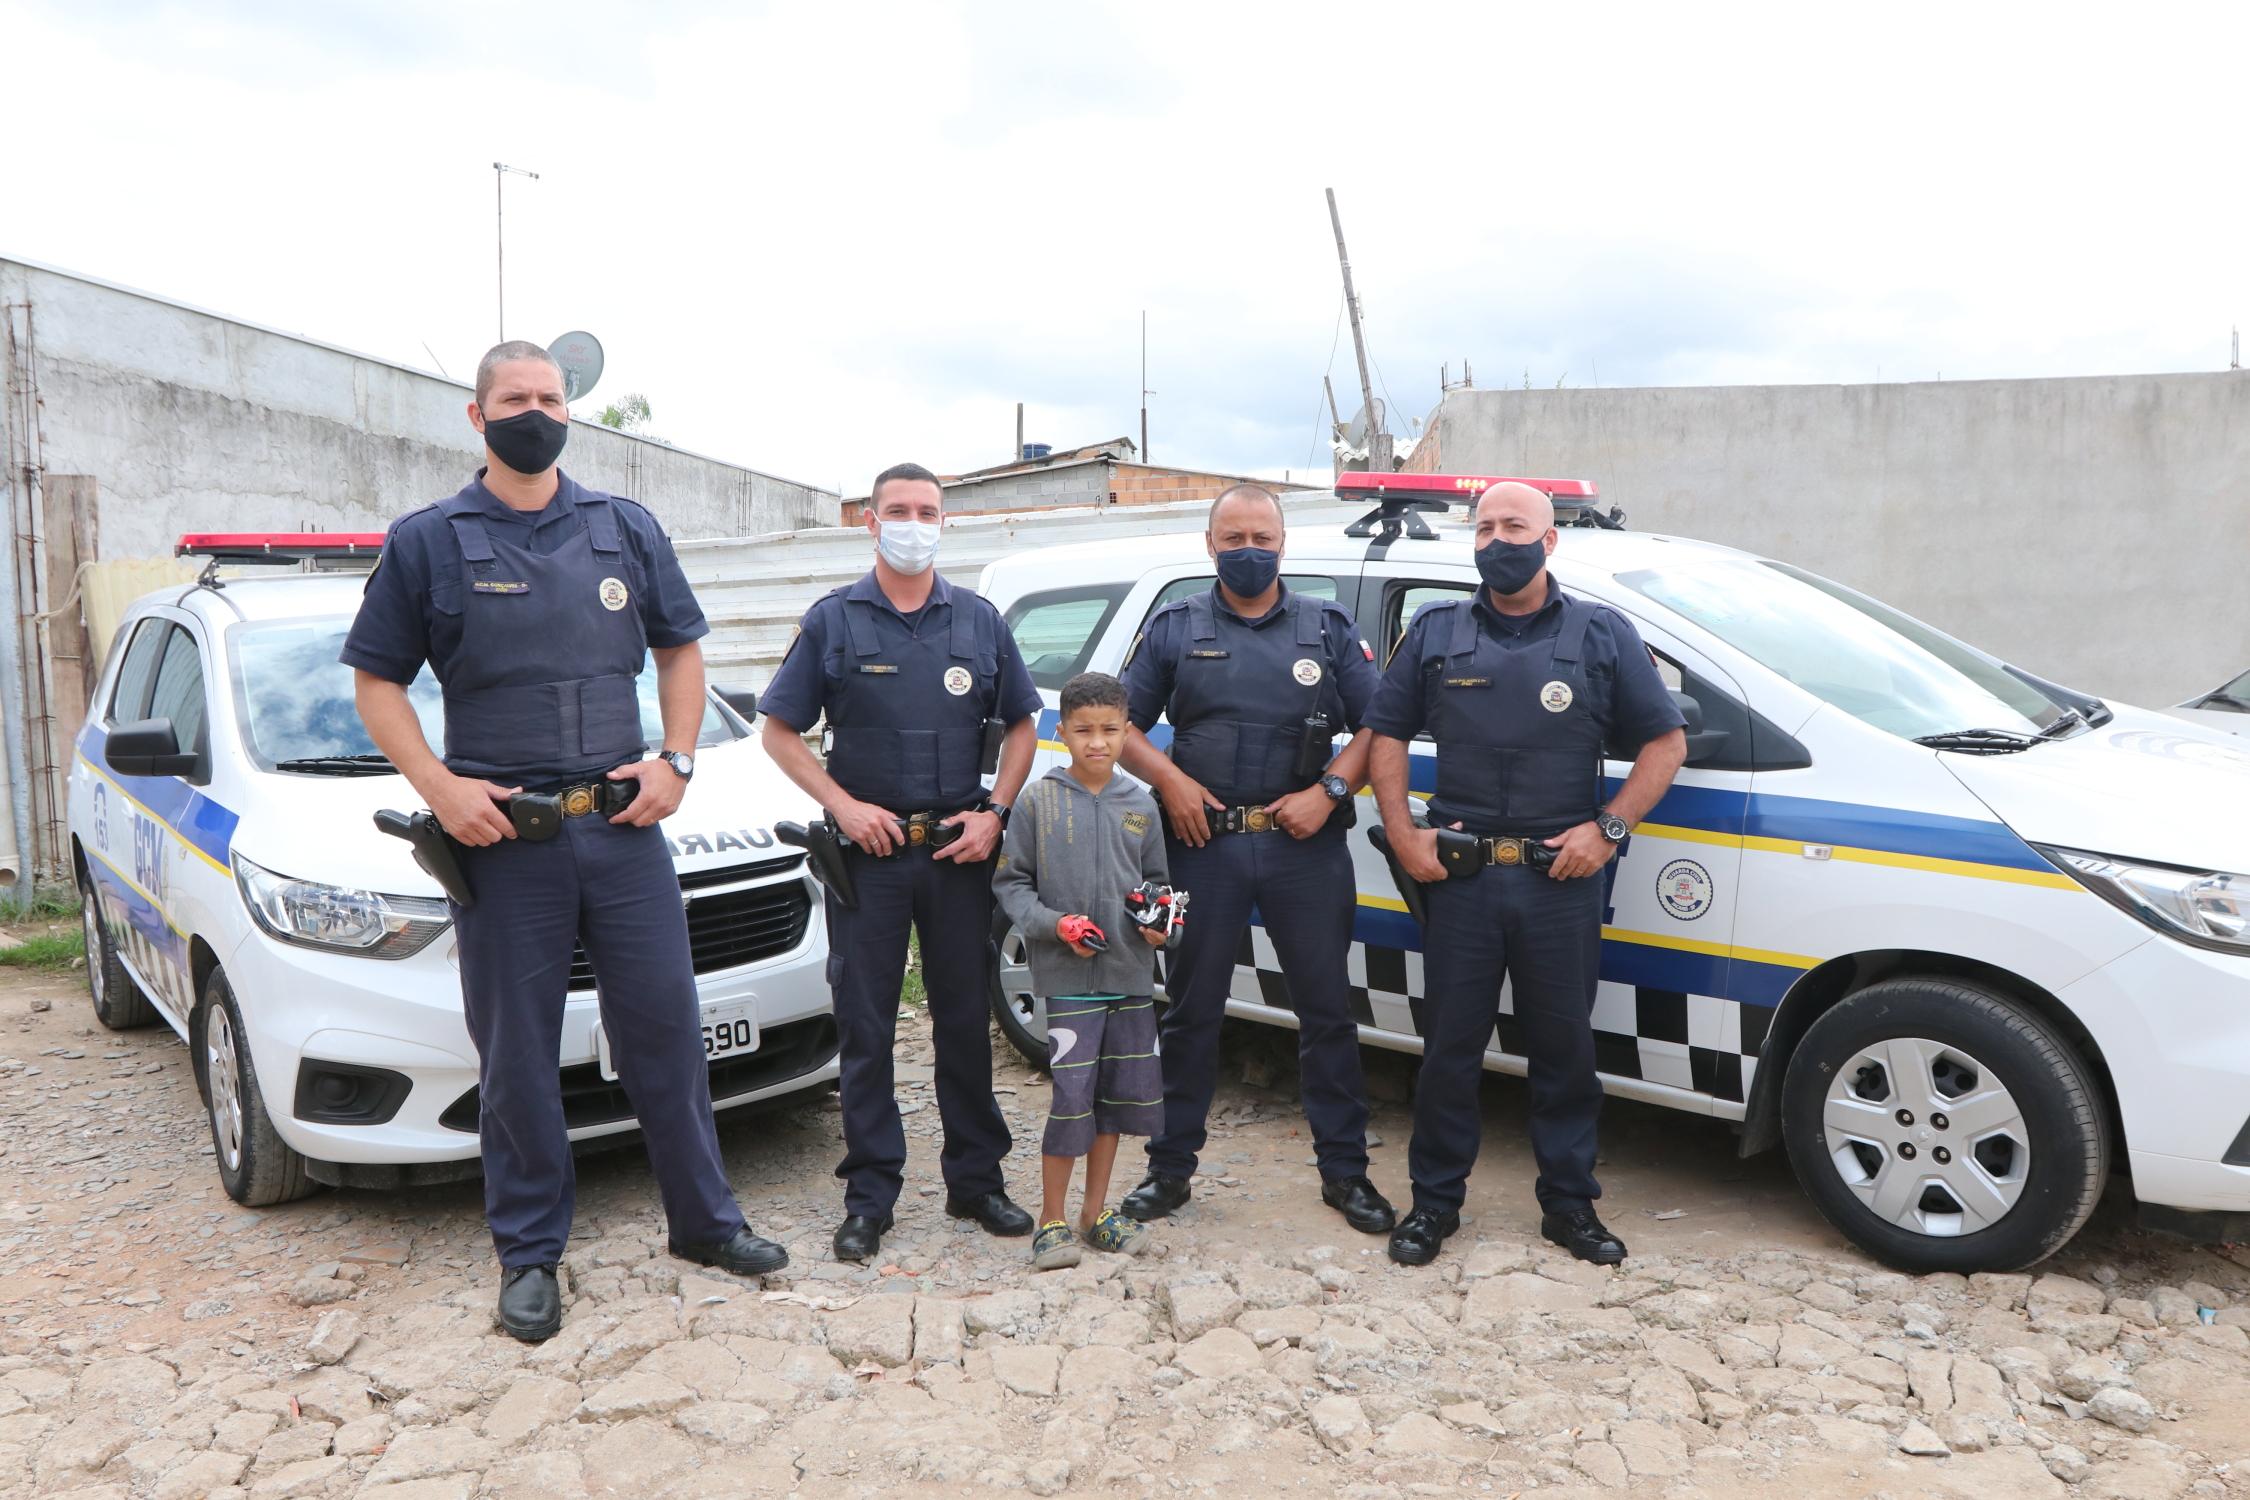 Garoto de 8 anos recebe homenagem da Guarda Civil de Jacareí no dia do aniversário